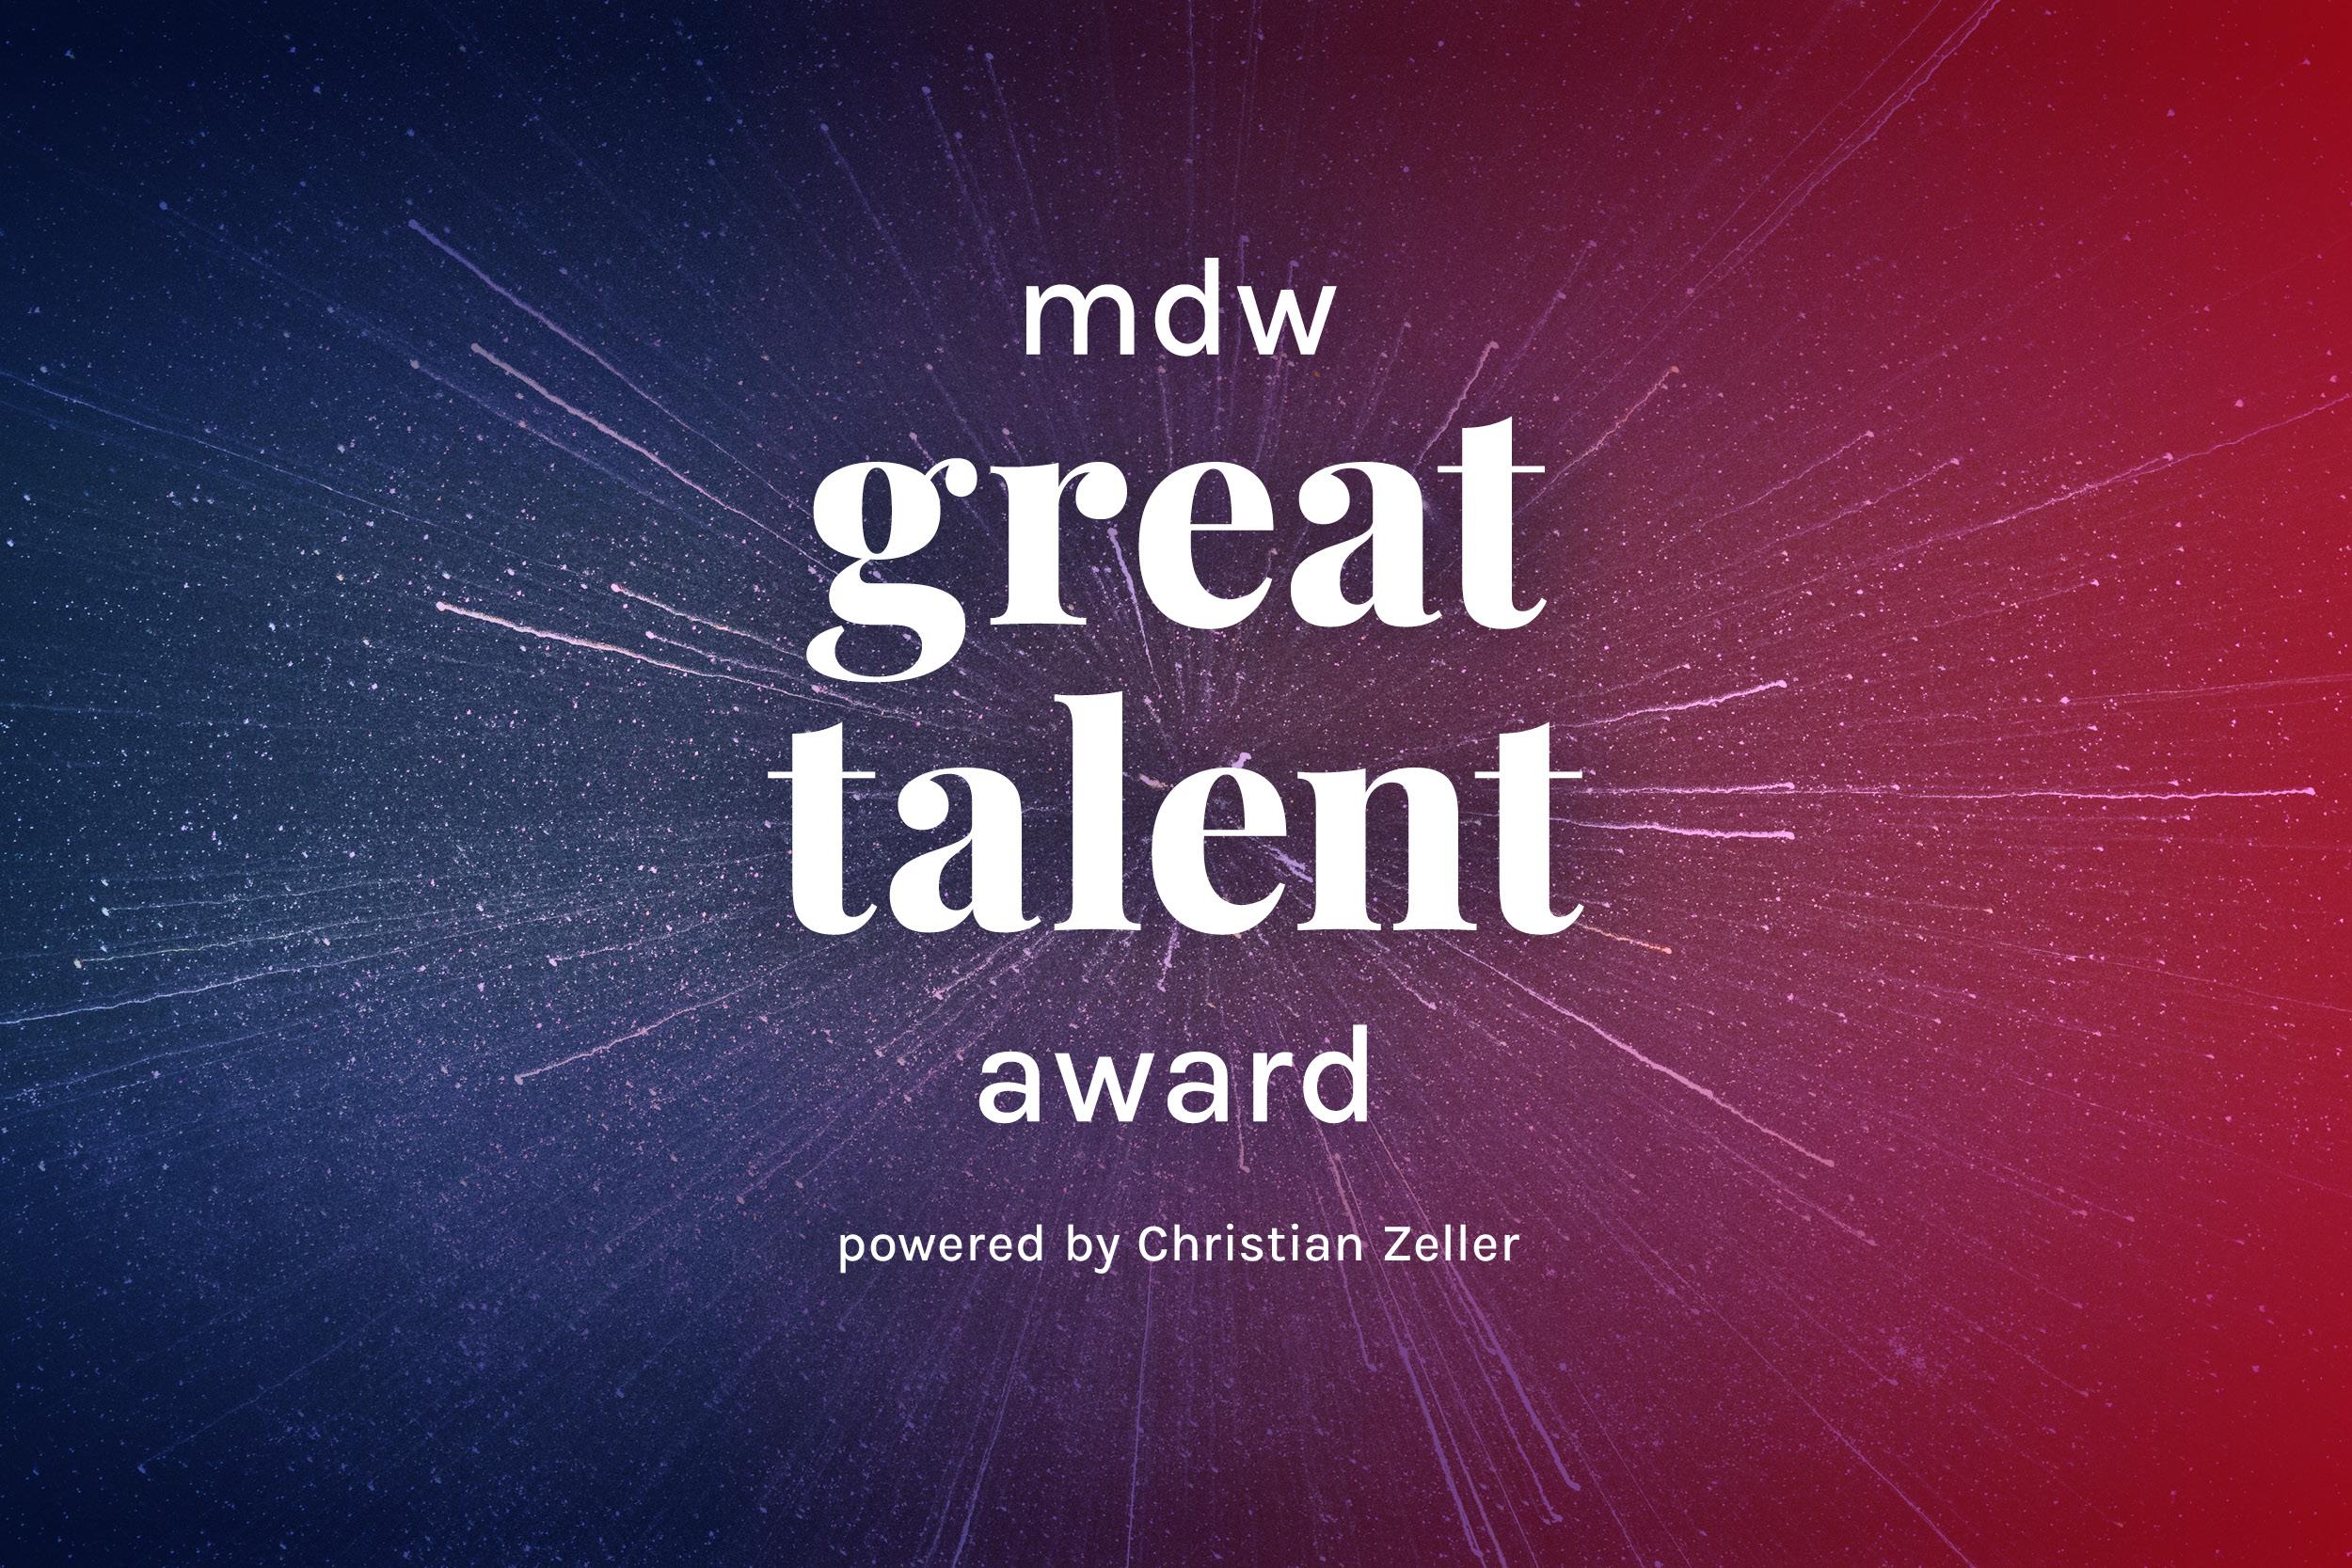 mdw great talent award